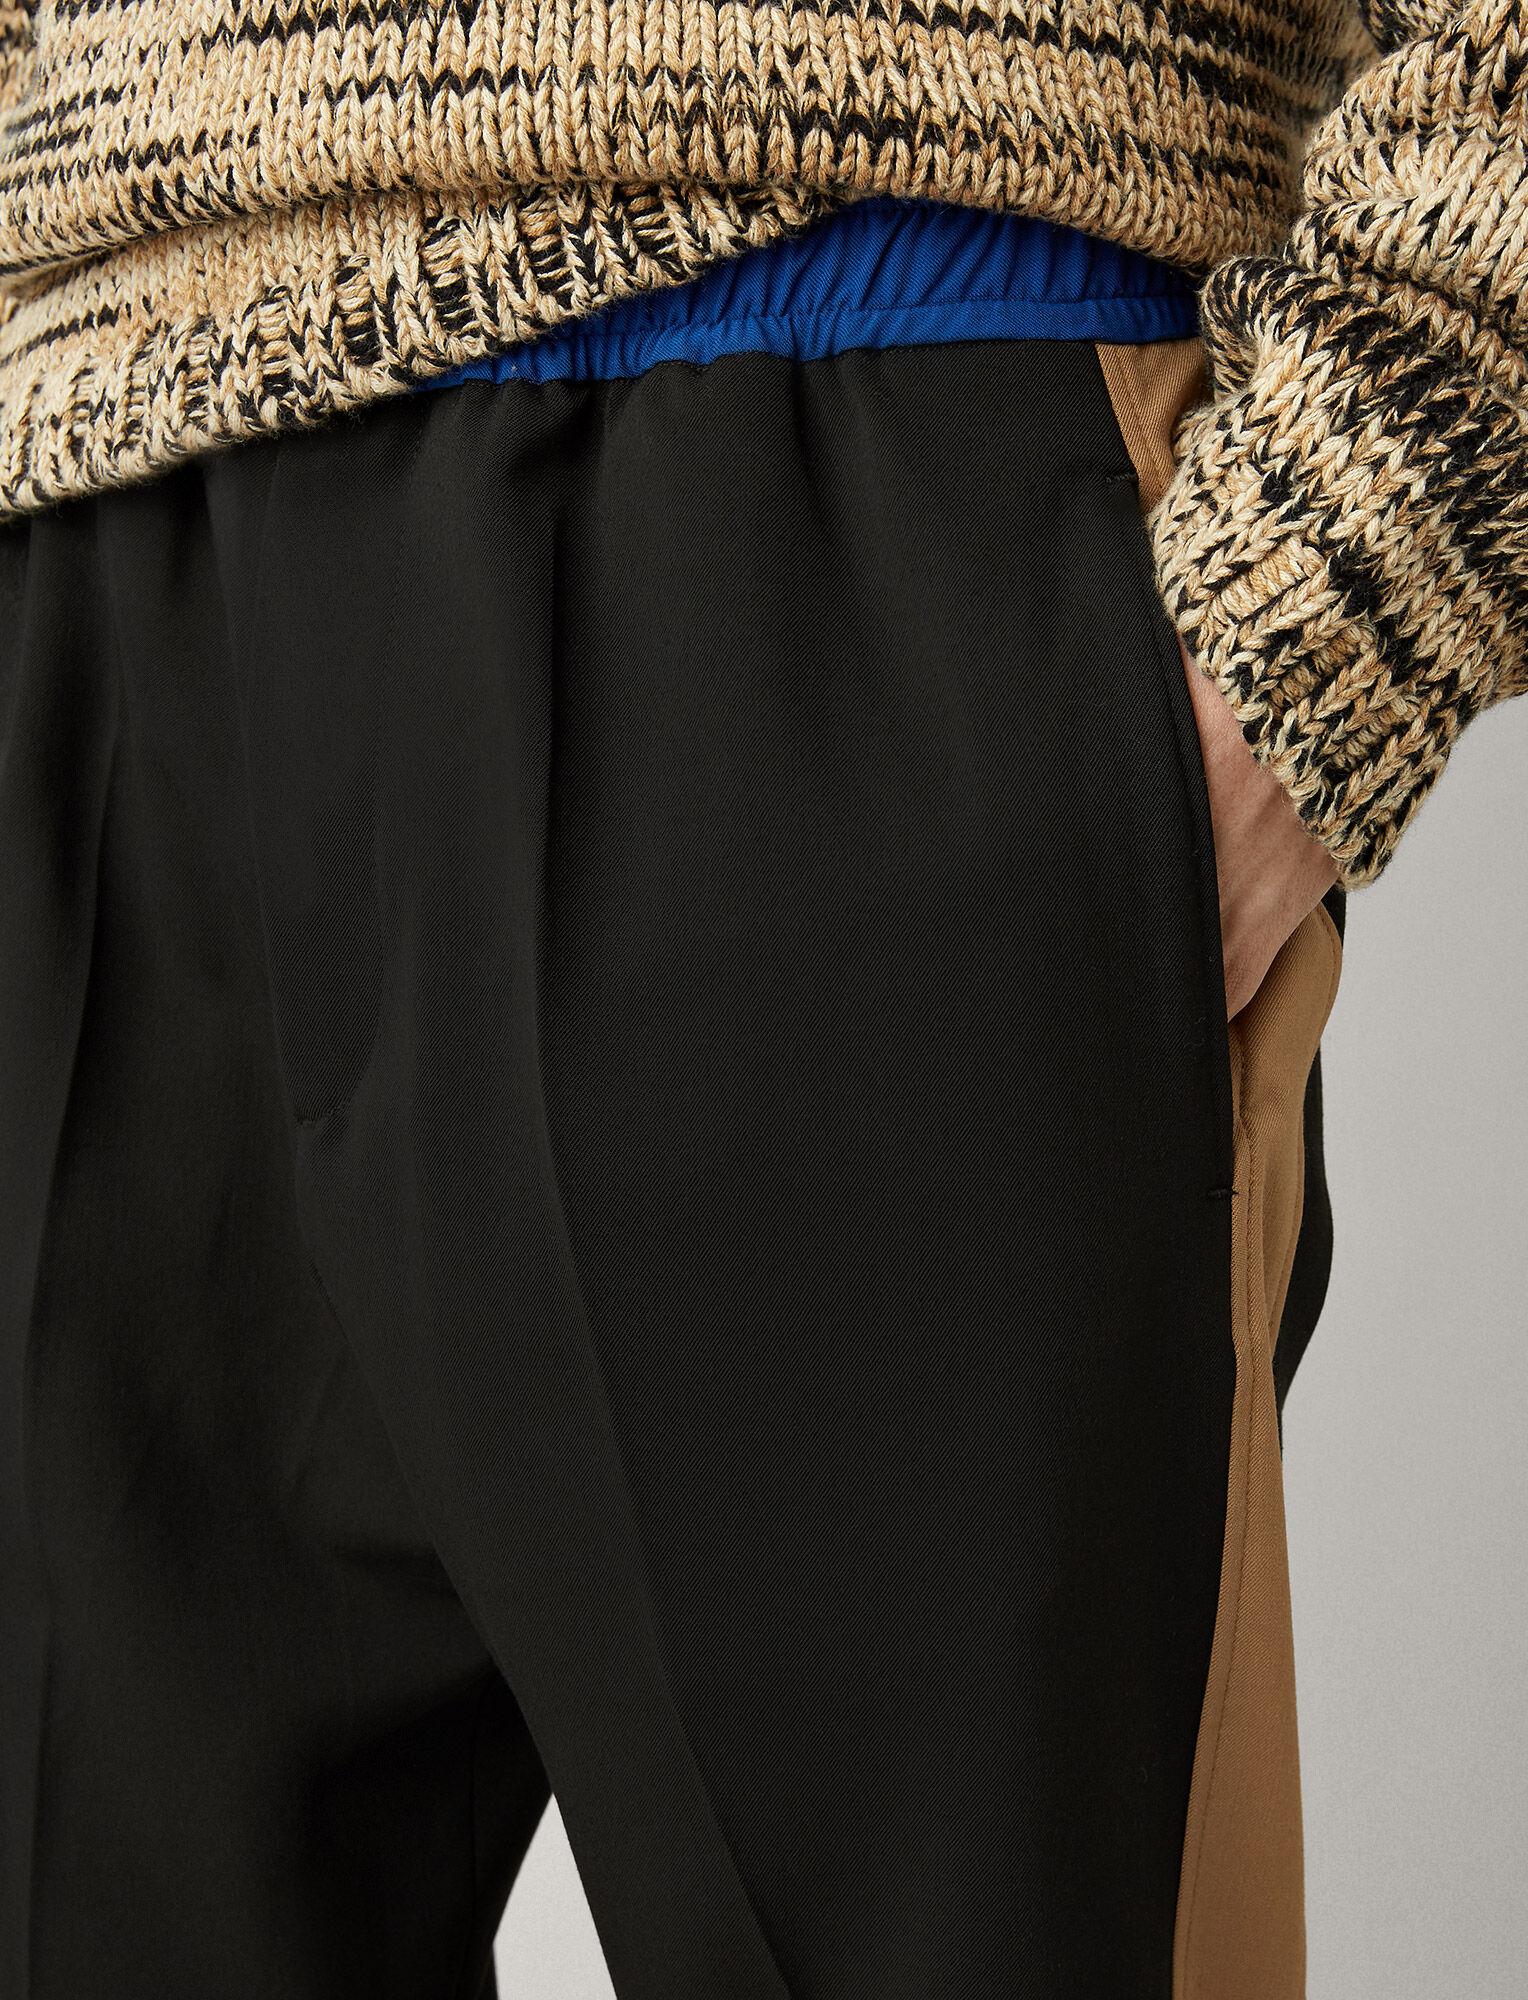 Joseph, Eza Techno Wool Stretch Tricolours Trousers, in BLACK COMBO